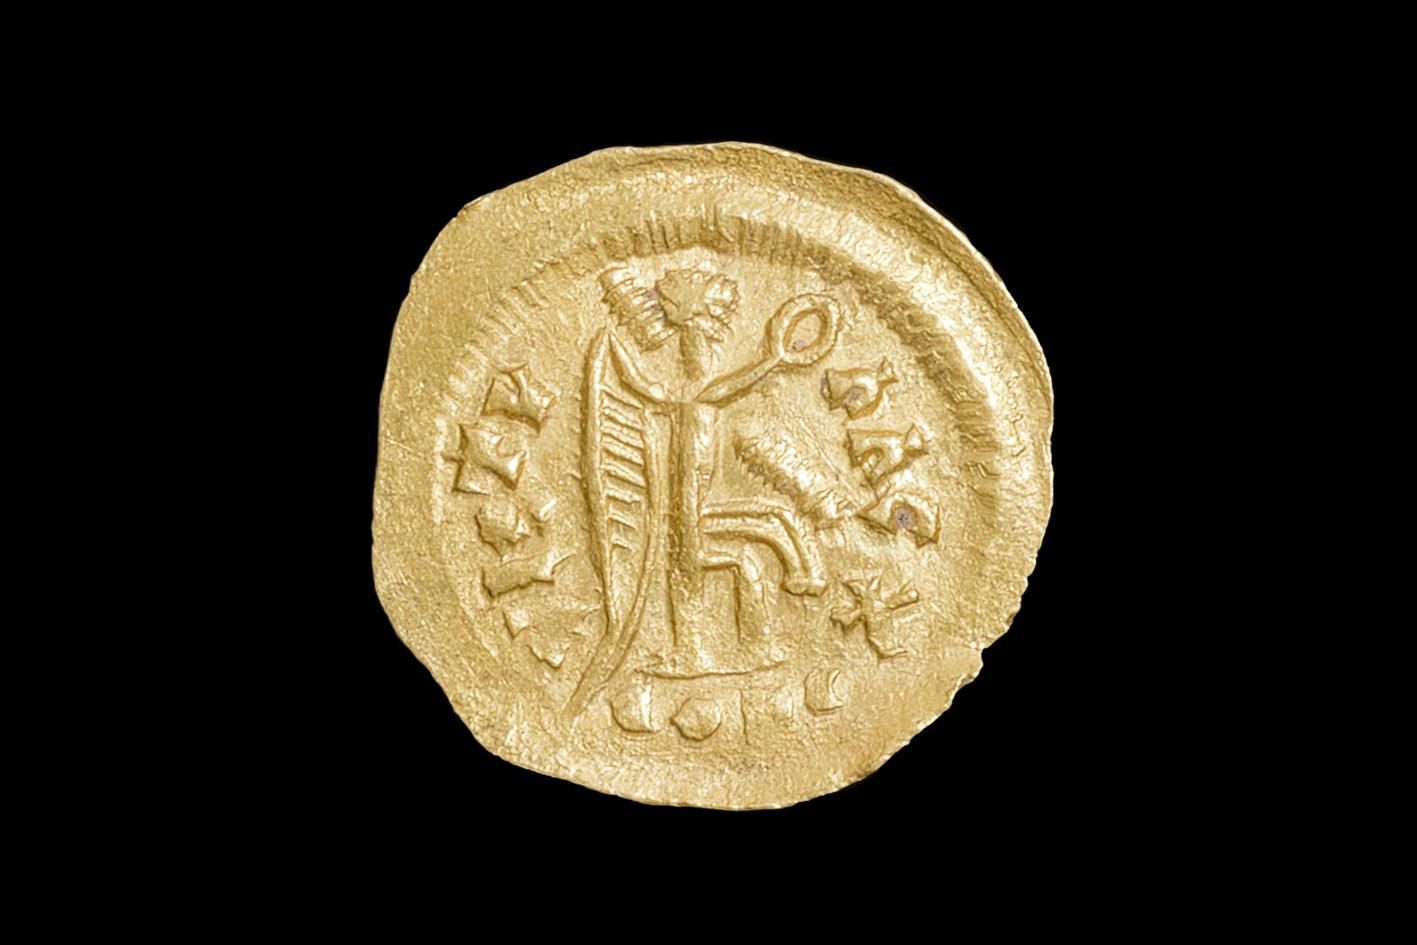 Goldmünze mit stilisierter Göttin